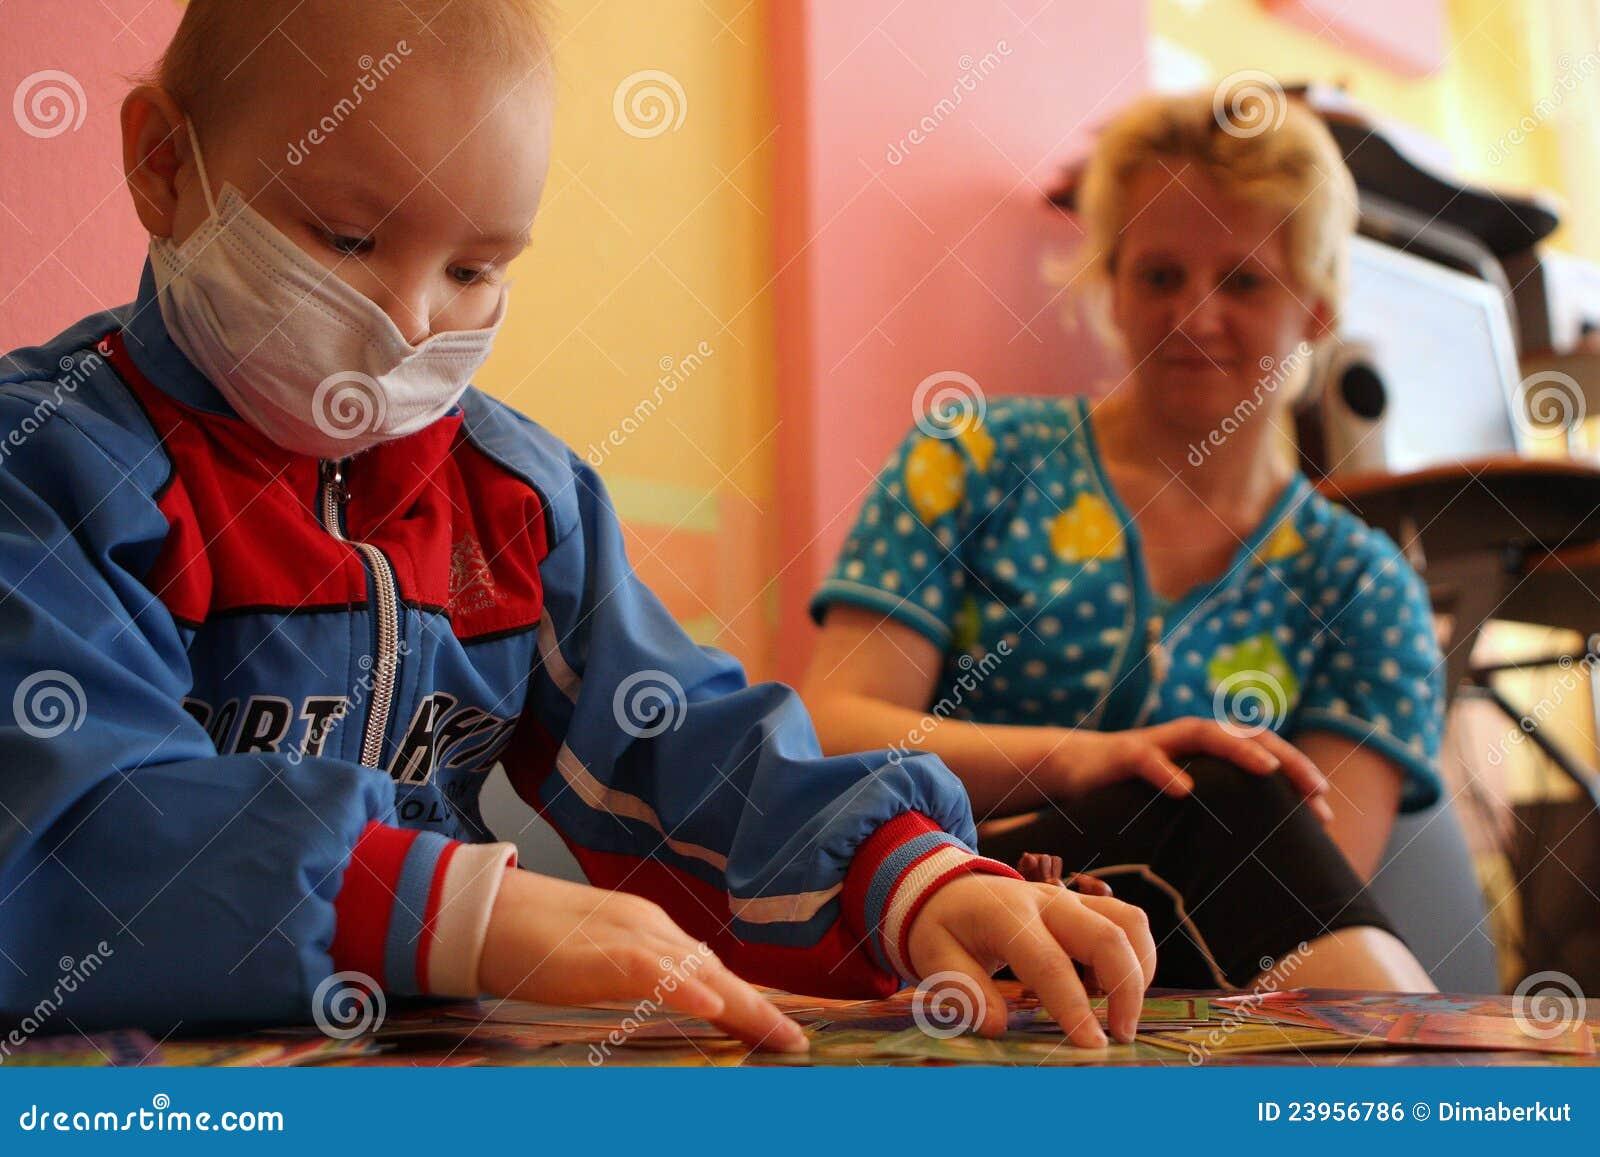 Bawić się sztuka pokój dziecko szpital dziecięcy s